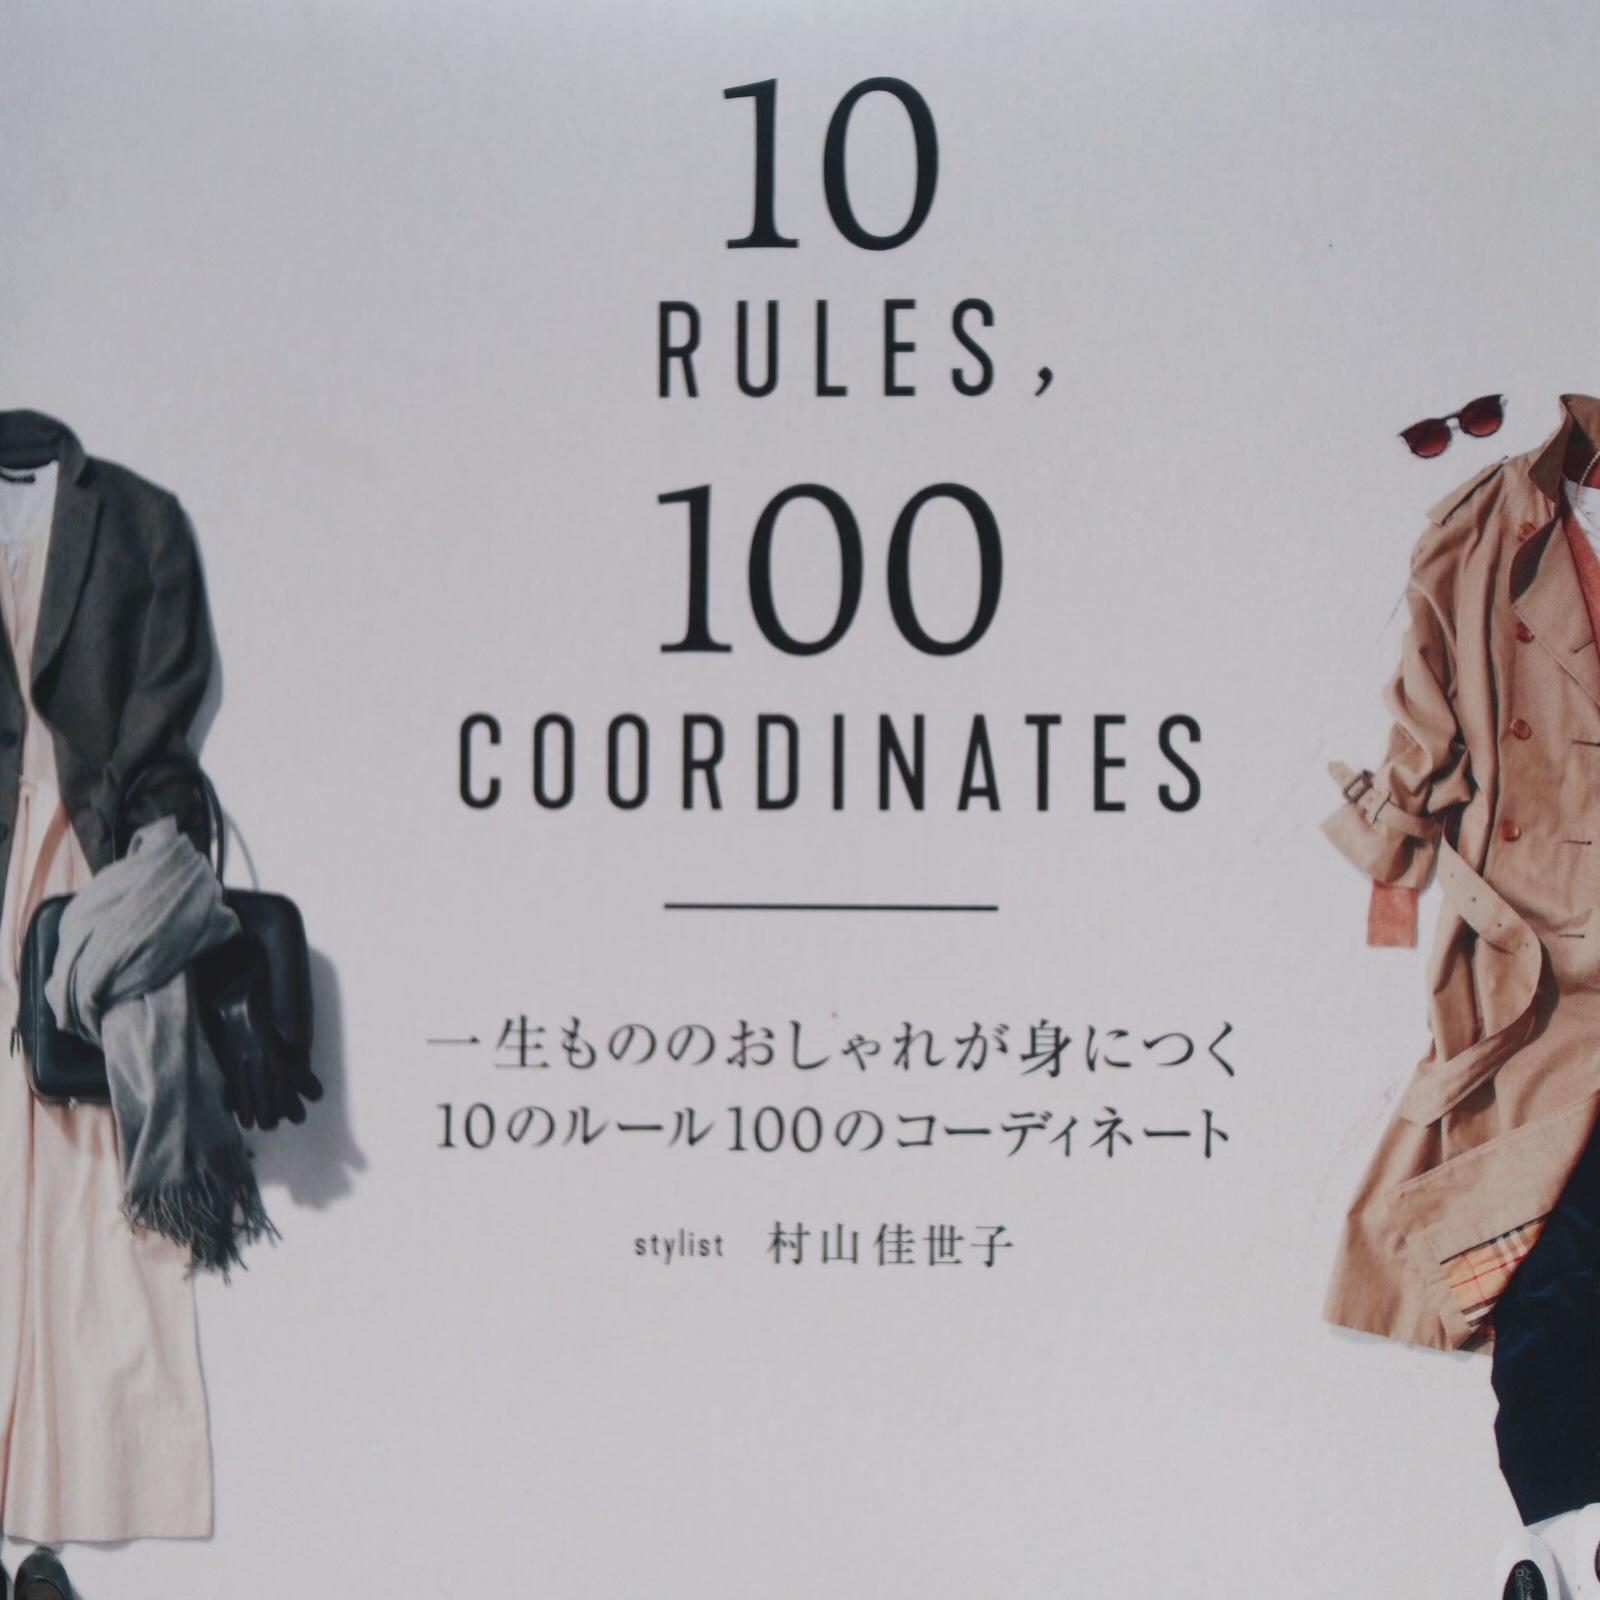 一生もののおしゃれが身につく 10のルール100のコーディネート